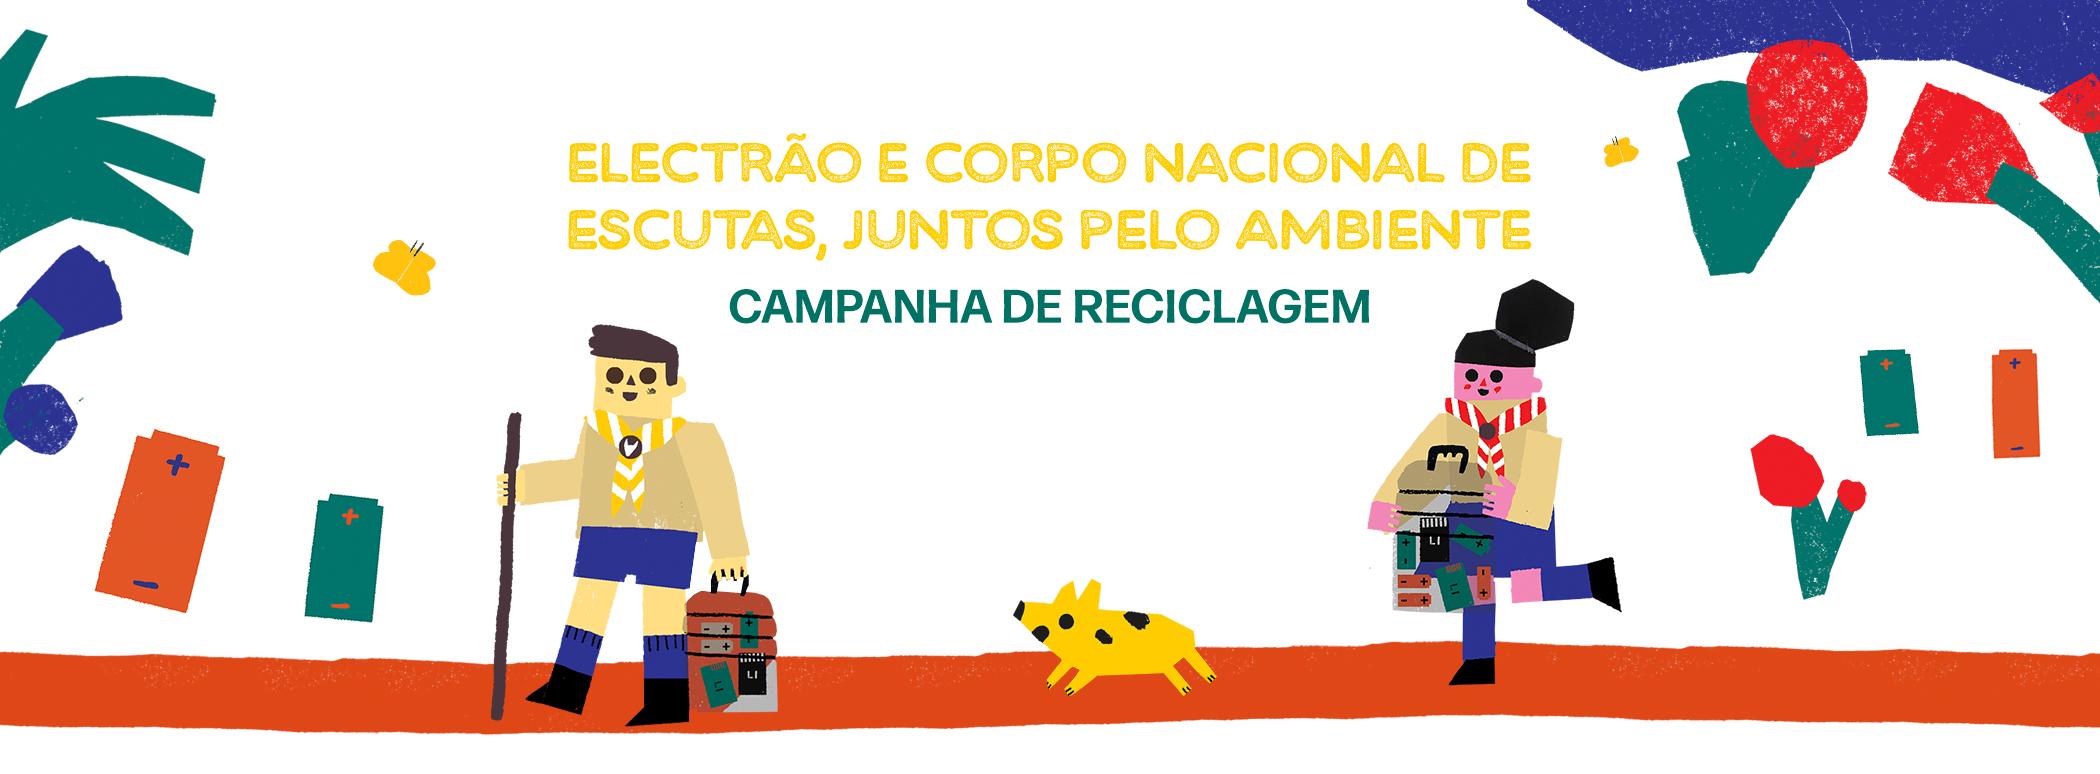 Electrão Promove Campanha Com Corpo Nacional De Escutas